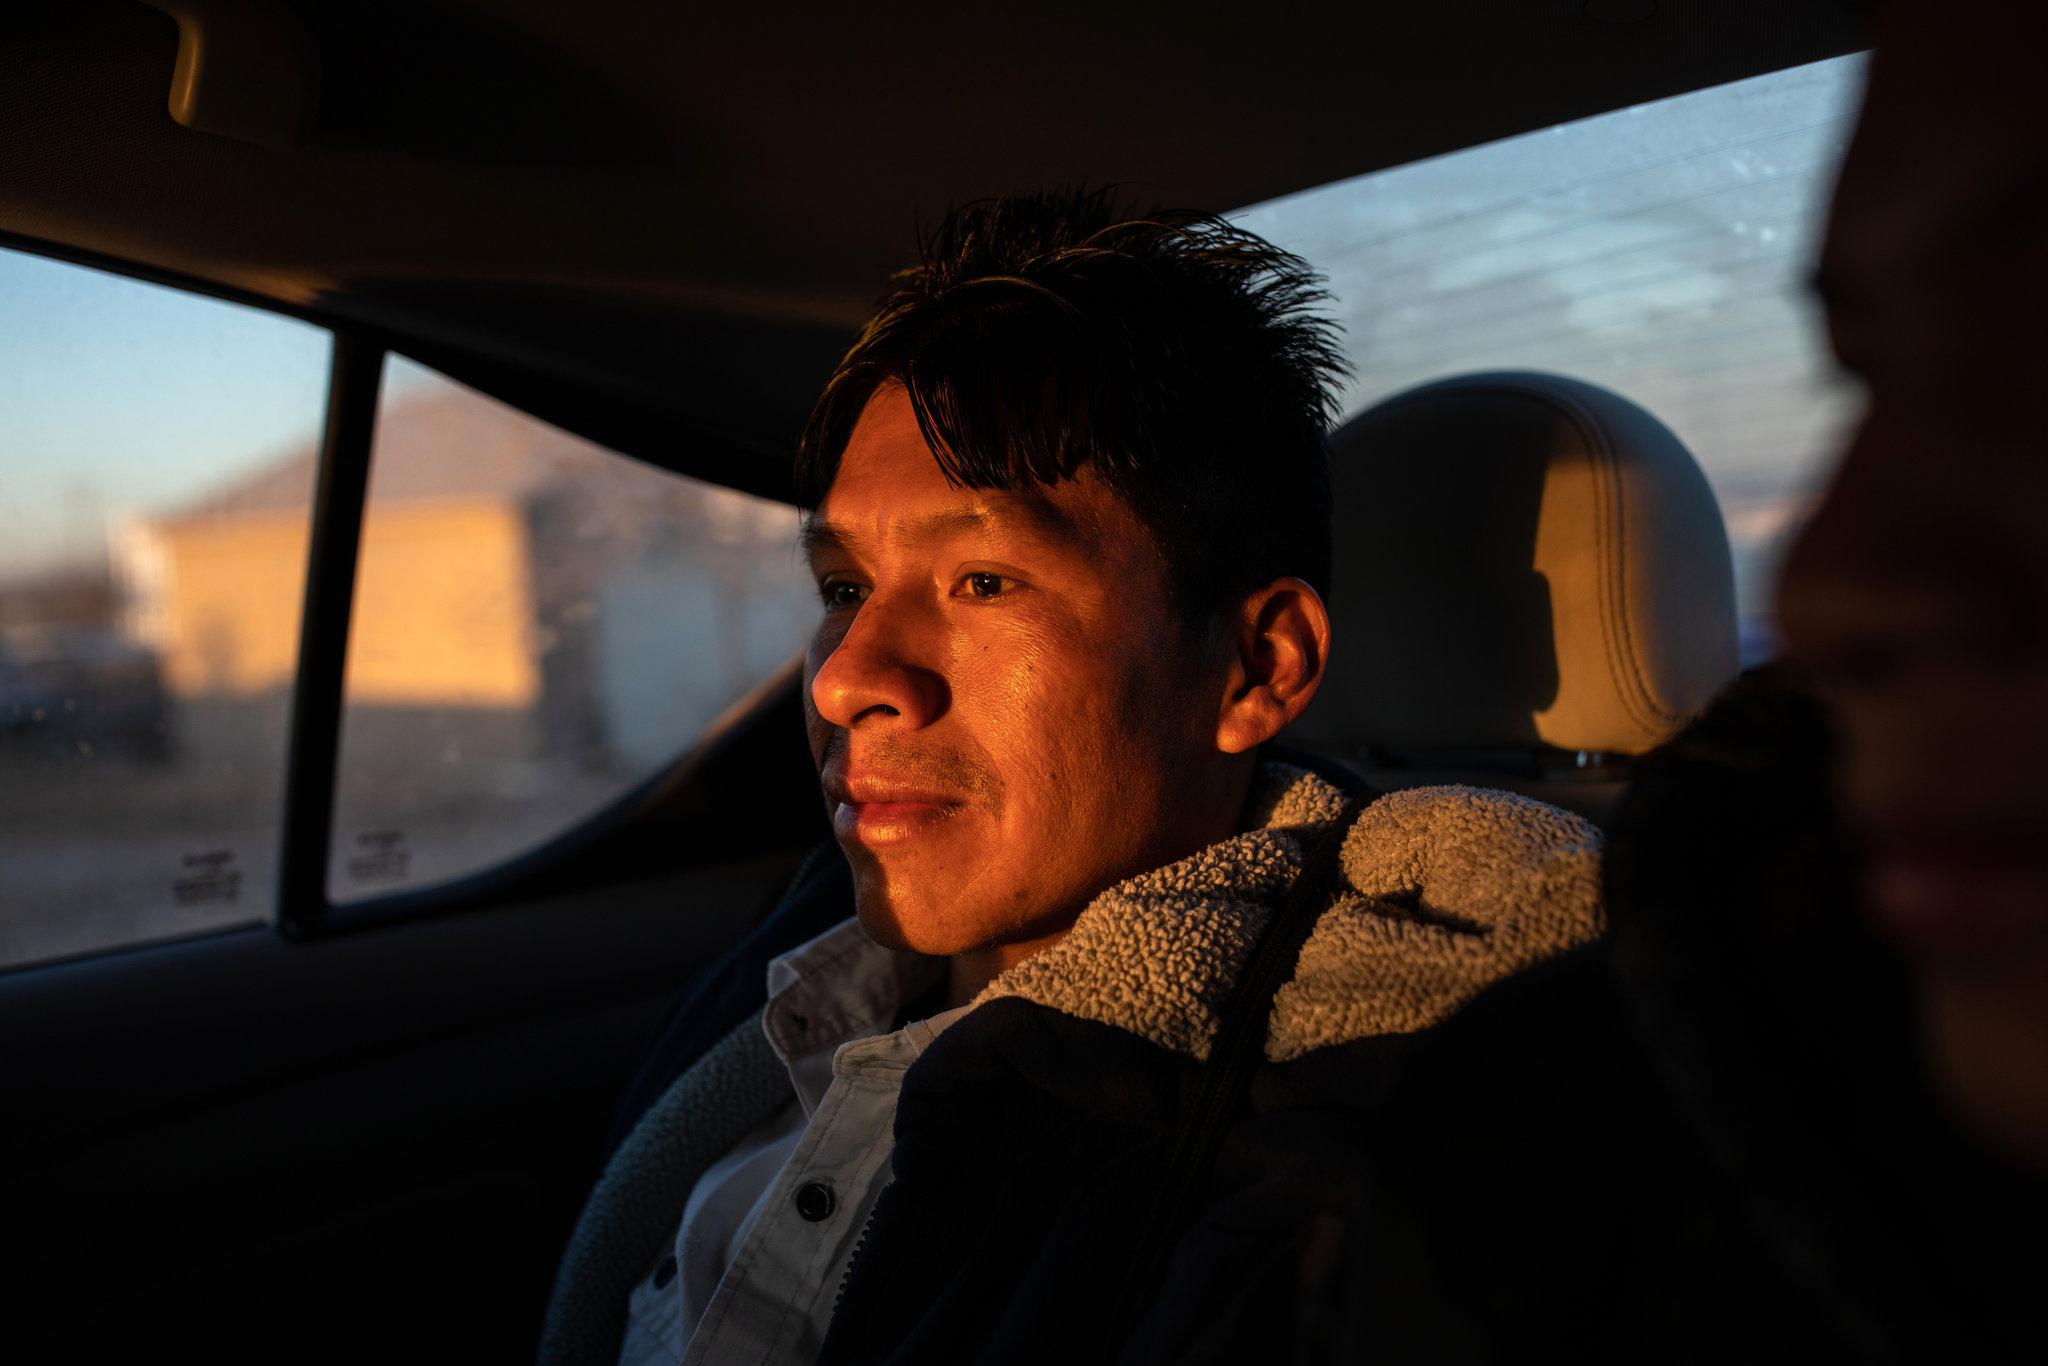 Rigoberto Pablo se dirige al Centro de Procesamiento de El Paso, en Texas, en marzo de 2019. (Tamir Kalifa para The New York Times)